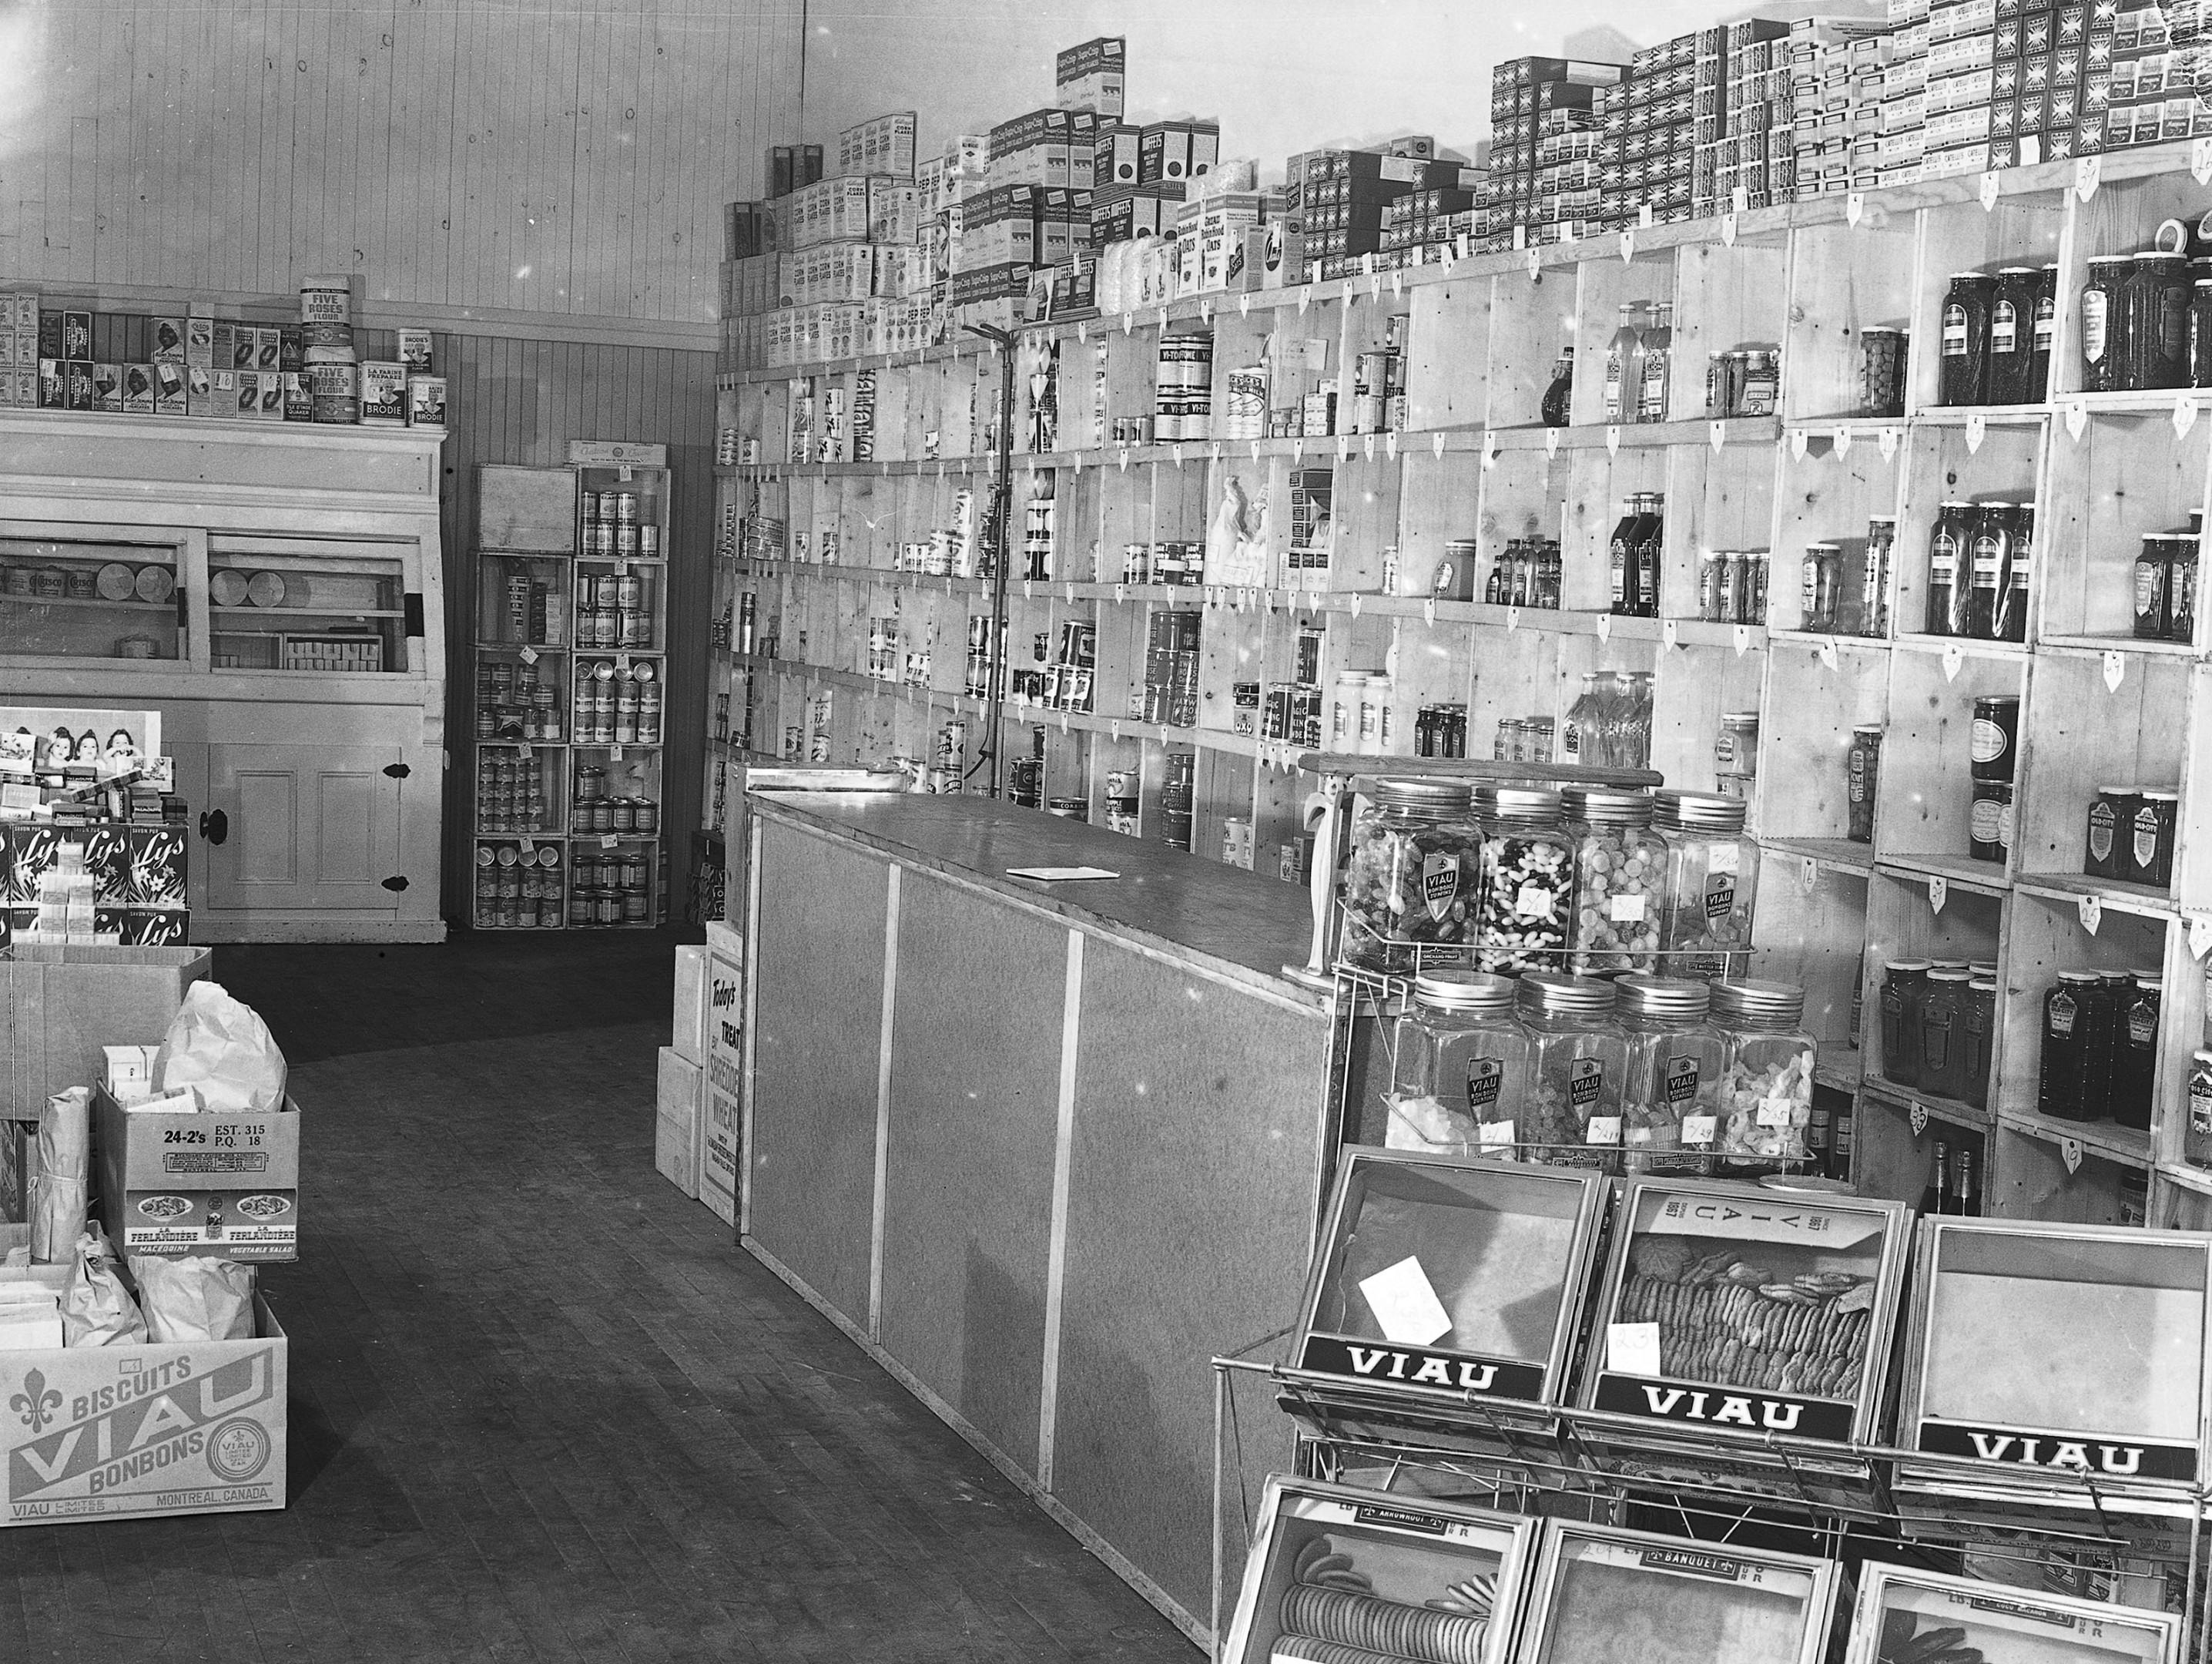 <b>Succursale de la coopérative La Familiale, rue Notre-Dame Est, 1938.</b> Photo : Conrad Poirier, Fonds Conrad Poirier, BAnQ Vieux-Montréal, Bibliothèque et Archives nationale du Québec